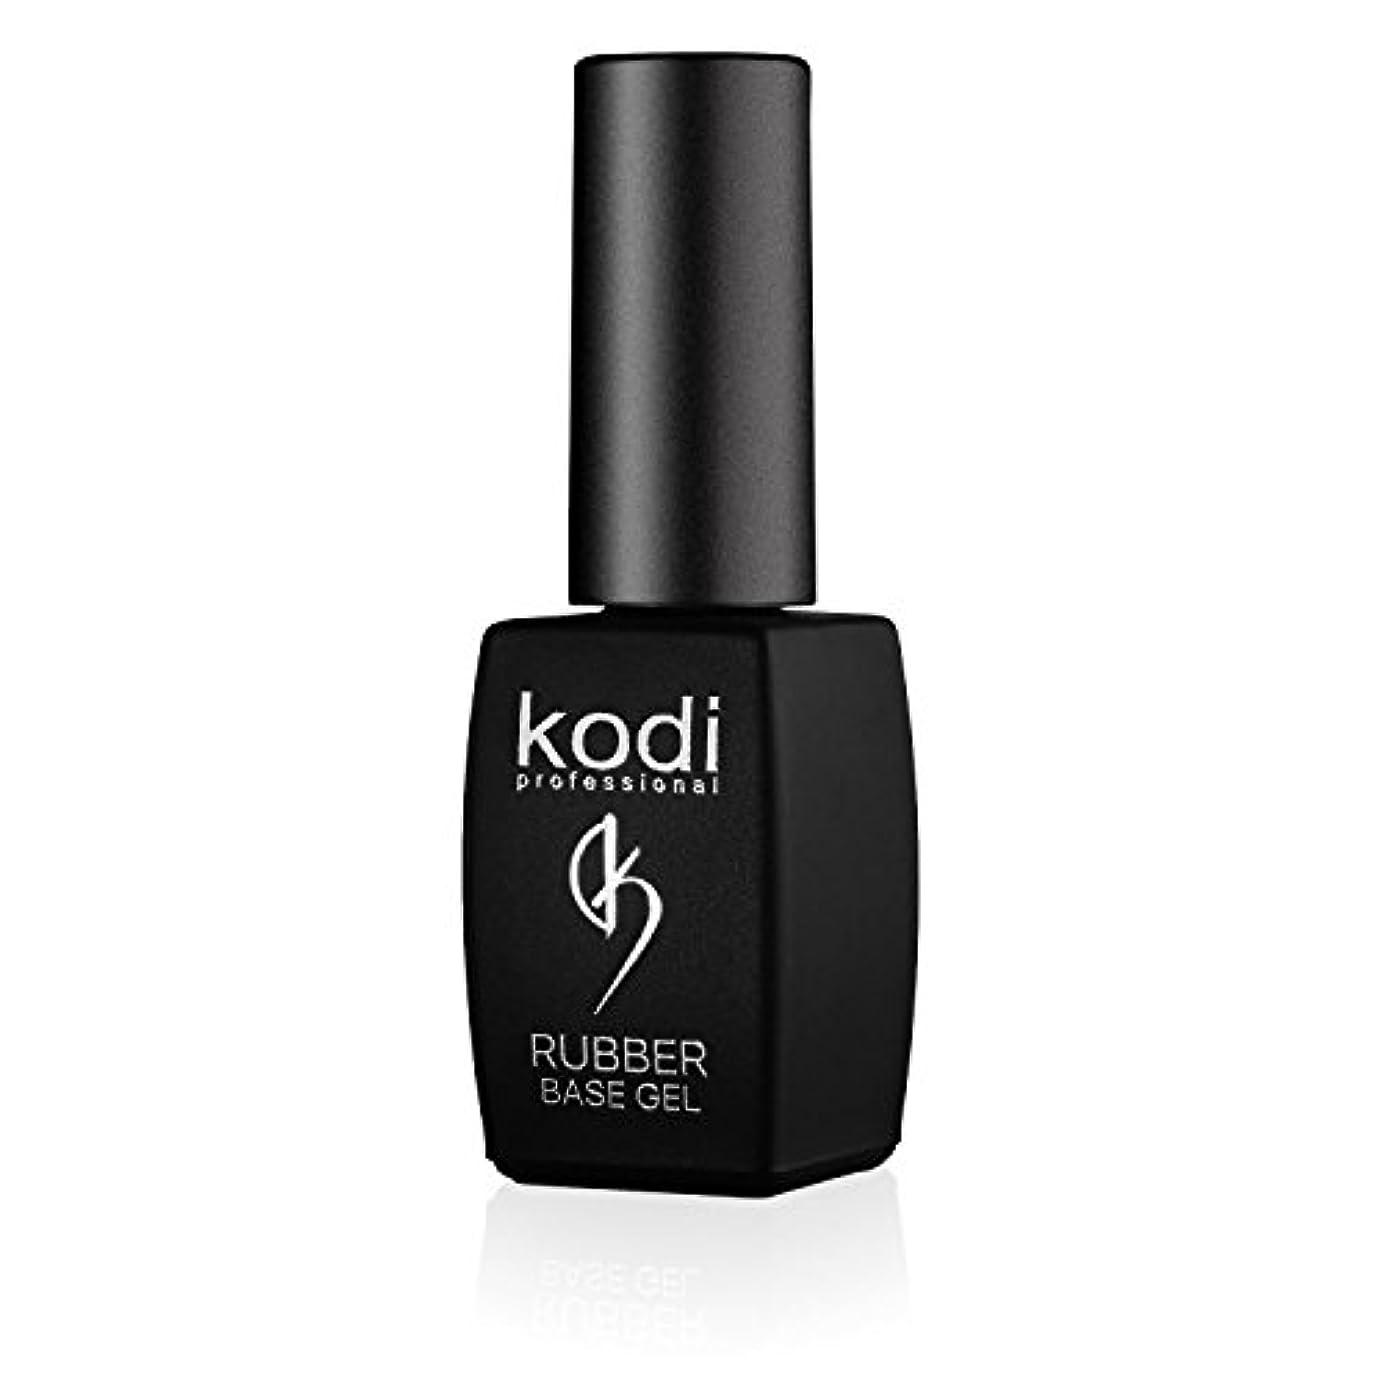 花カップ環境に優しいProfessional Rubber Base Gel By Kodi | 8ml 0.27 oz | Soak Off, Polish Fingernails Coat Gel | For Long Lasting Nails Layer | Easy To Use, Non-Toxic & Scentless | Cure Under LED Or UV Lamp